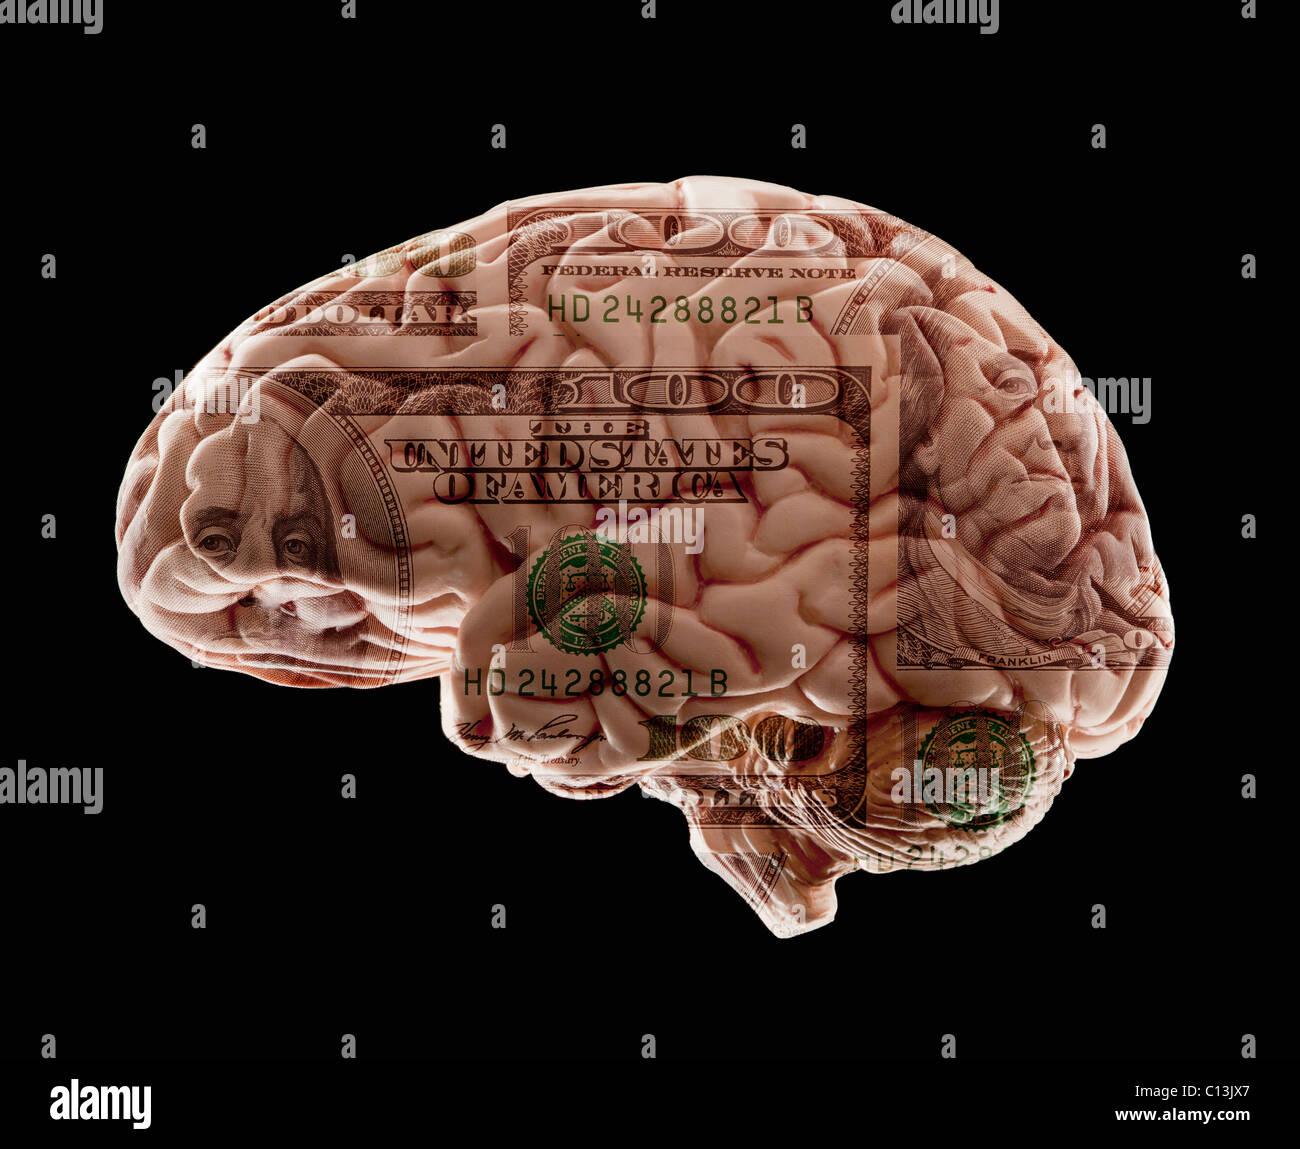 Composición del cerebro humano y modelo de cien dólares nota Imagen De Stock